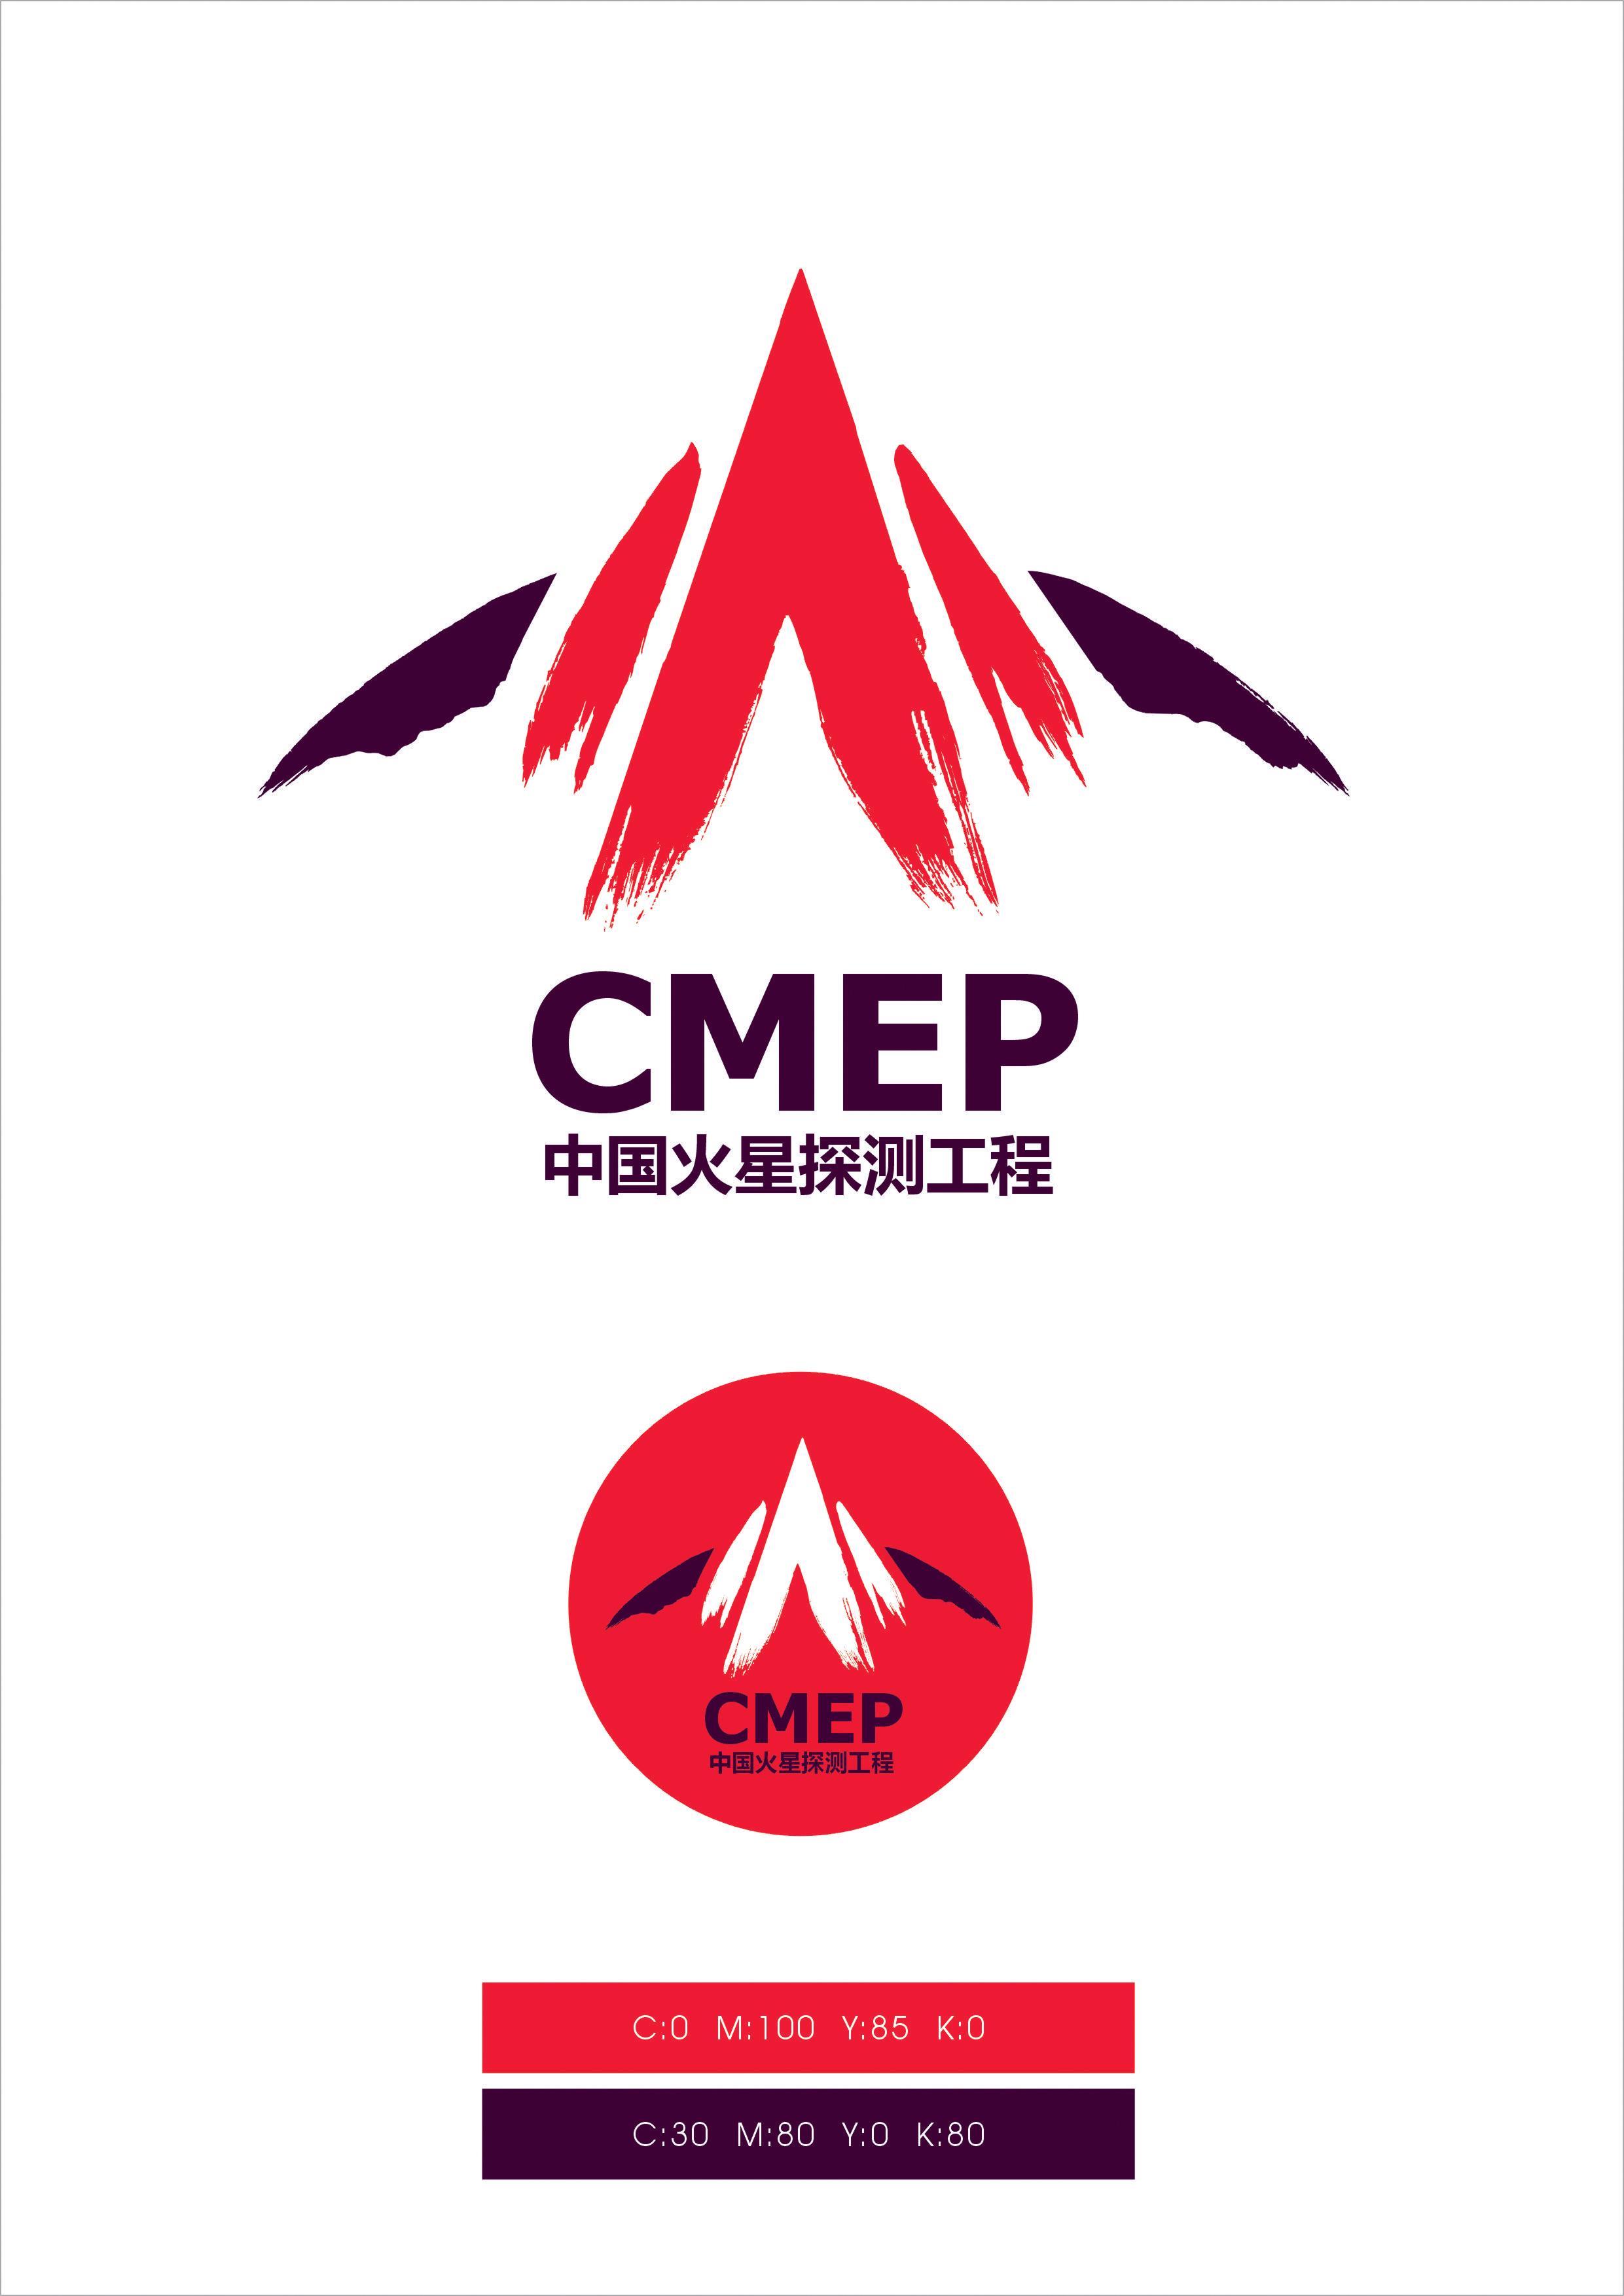 中国梦,航天梦##中国梦,航天梦图片